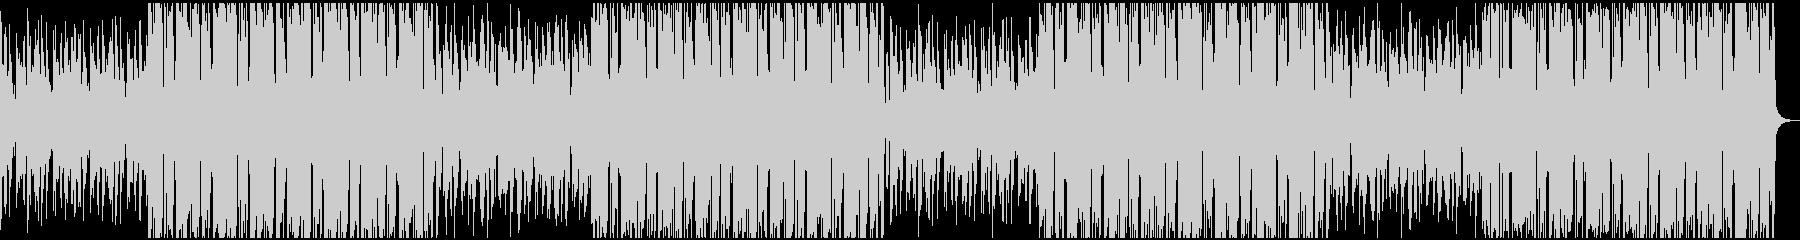 都会的なBGMの未再生の波形